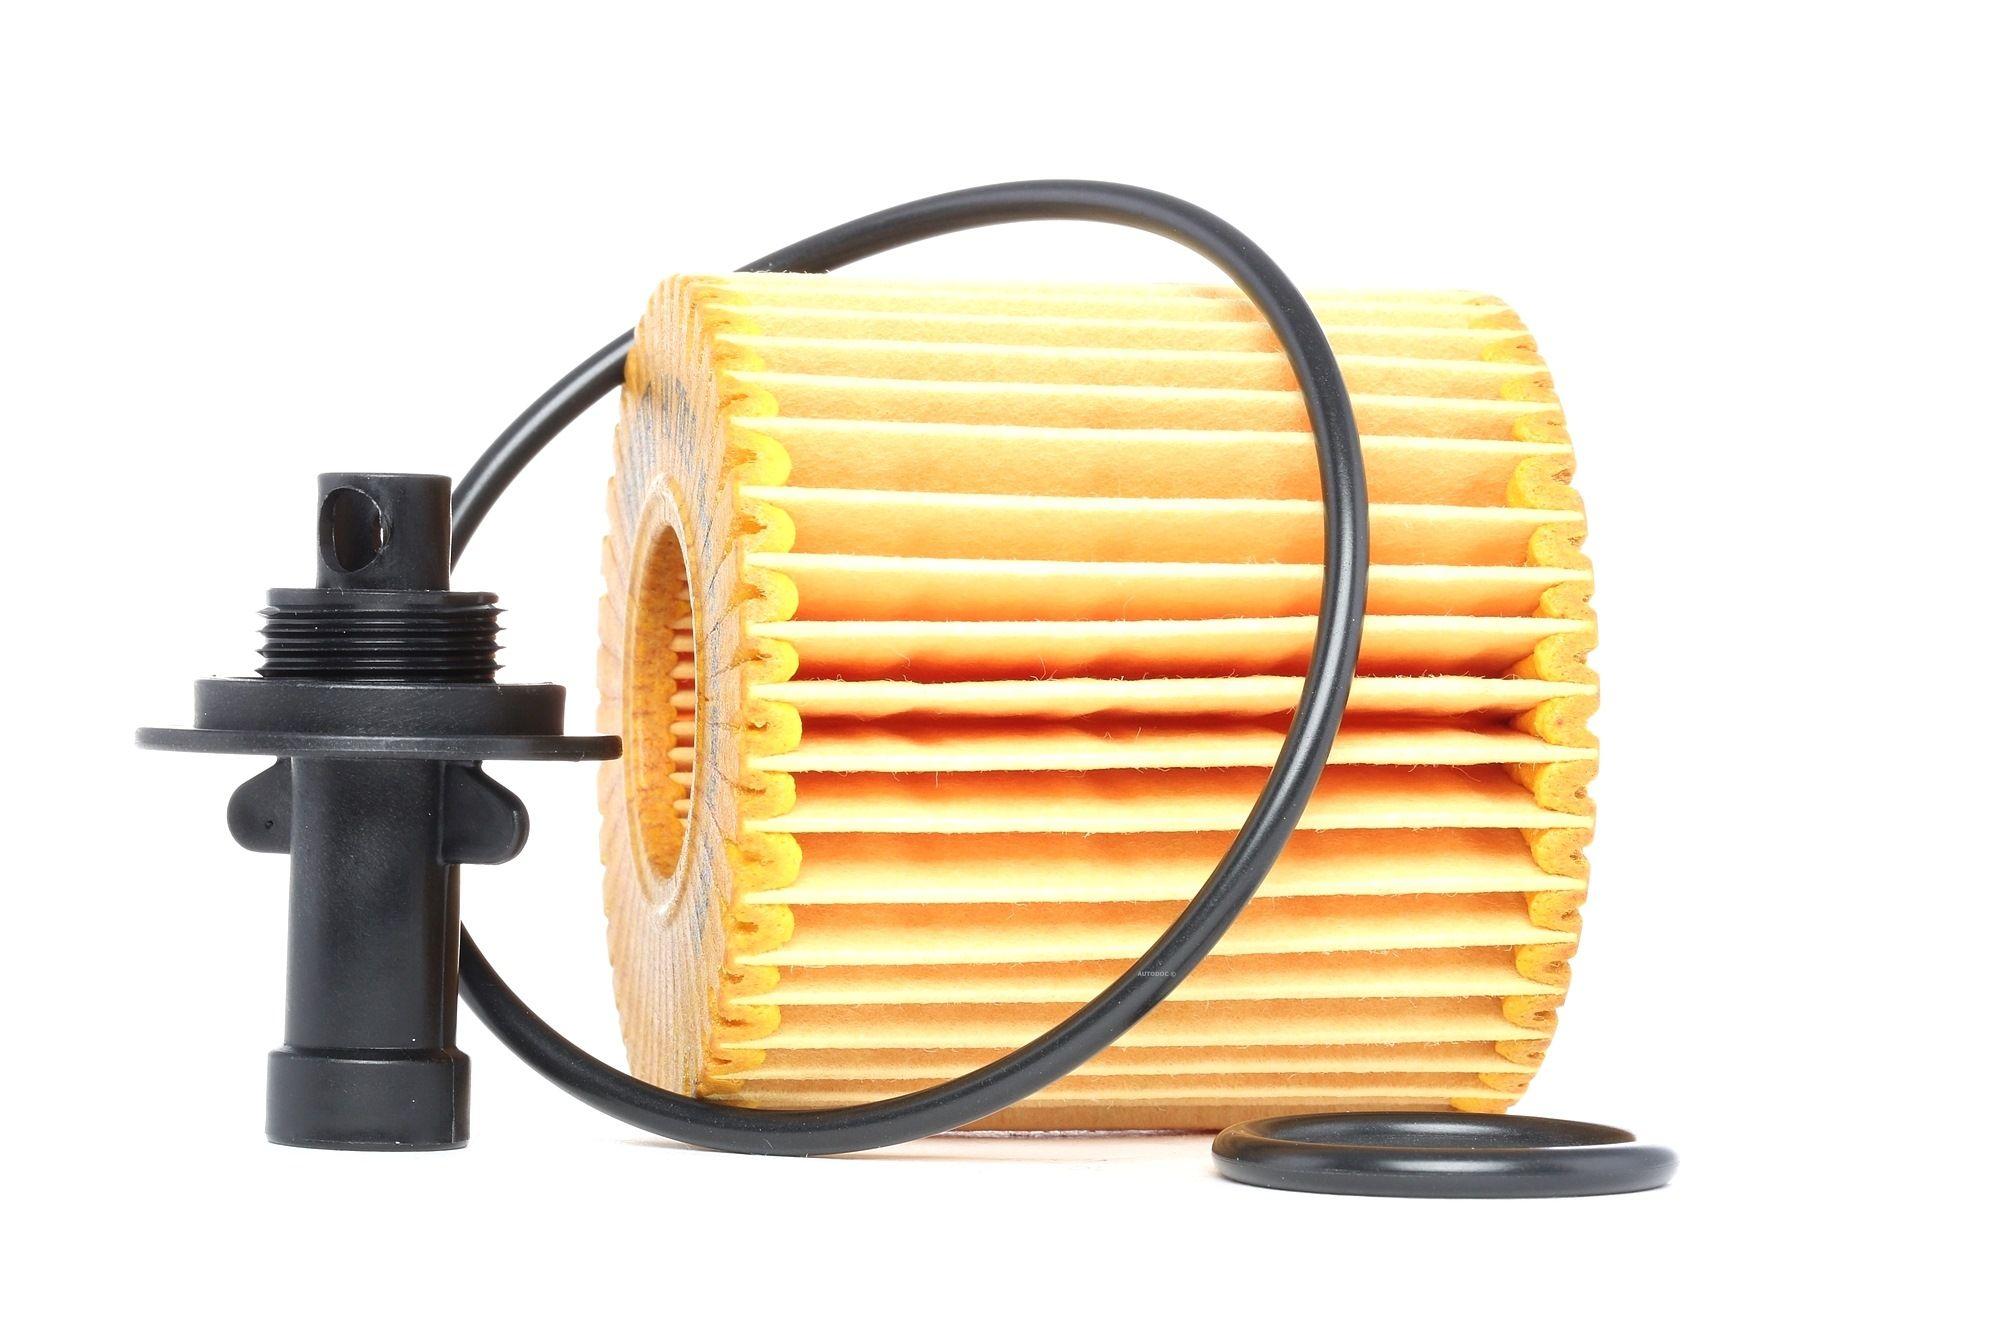 Pirkti HU 7019 z MANN-FILTER su tarpikliais / sandarikliais, filtro įdėklas vidinis skersmuo: 28mm, vidinis skersmuo 2: 28mm, Ø: 69mm, aukštis: 67mm Alyvos filtras HU 7019 z nebrangu